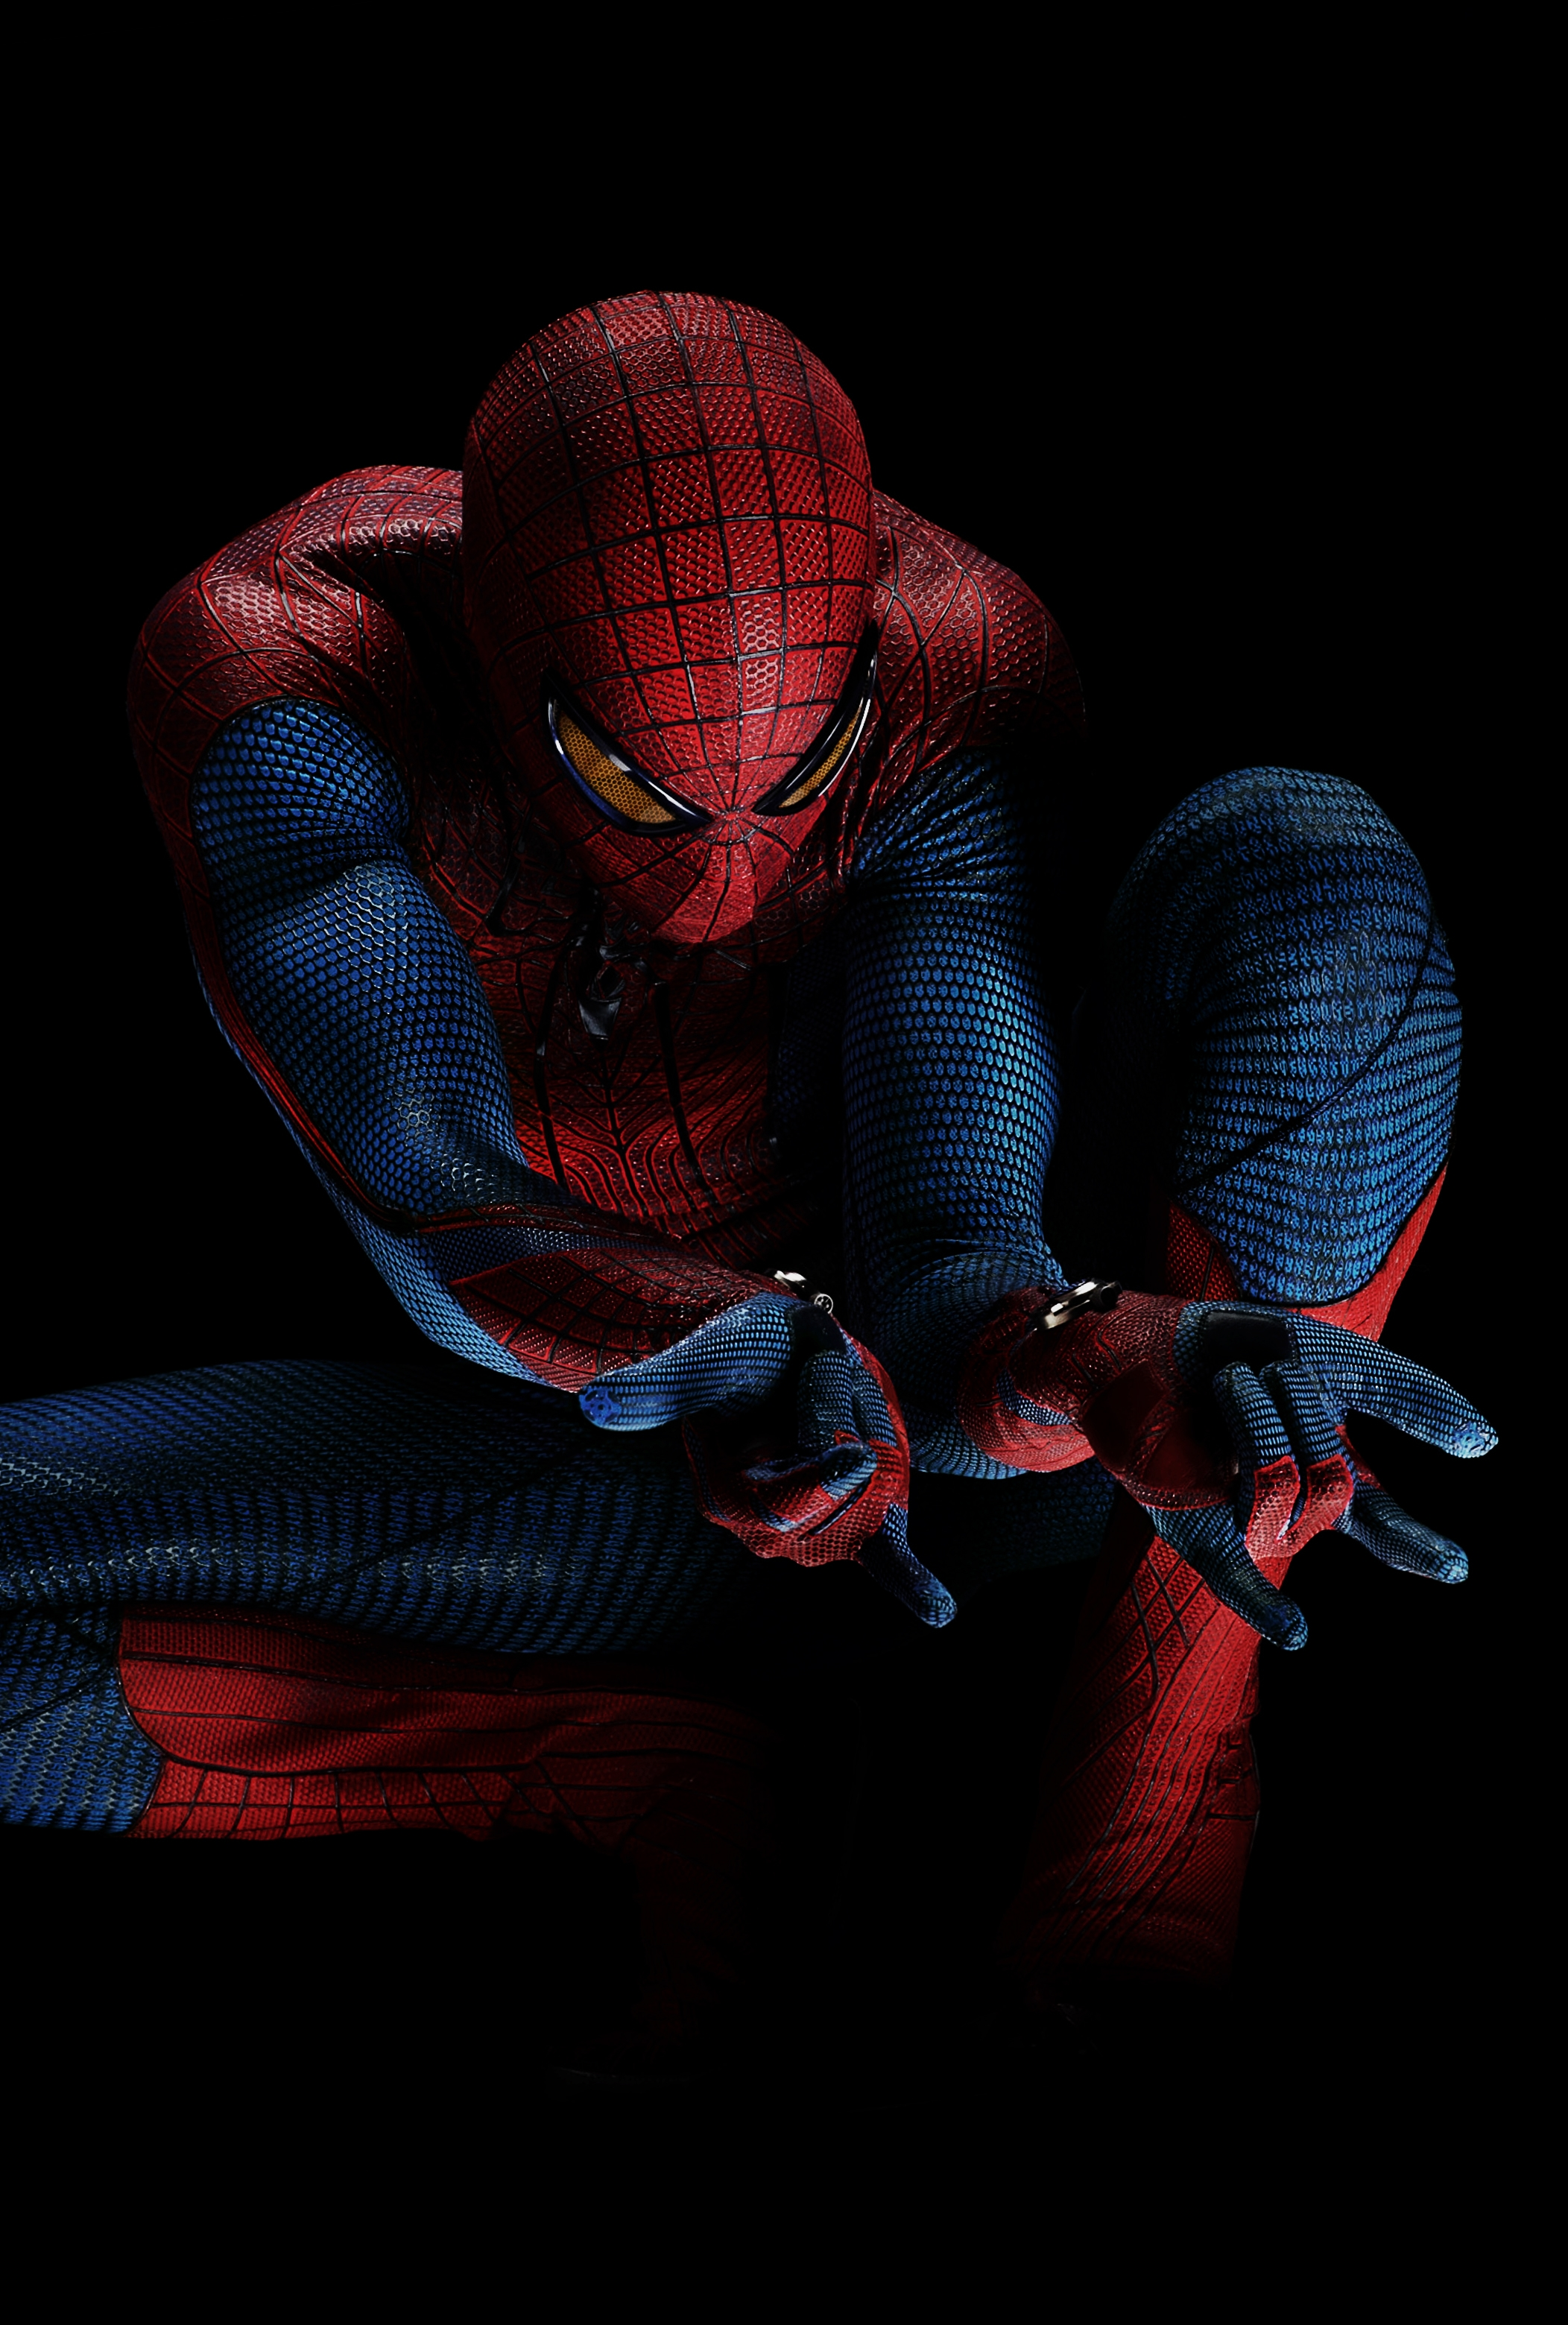 The-Amazing-Spider-Man 08c96c7e.jpg